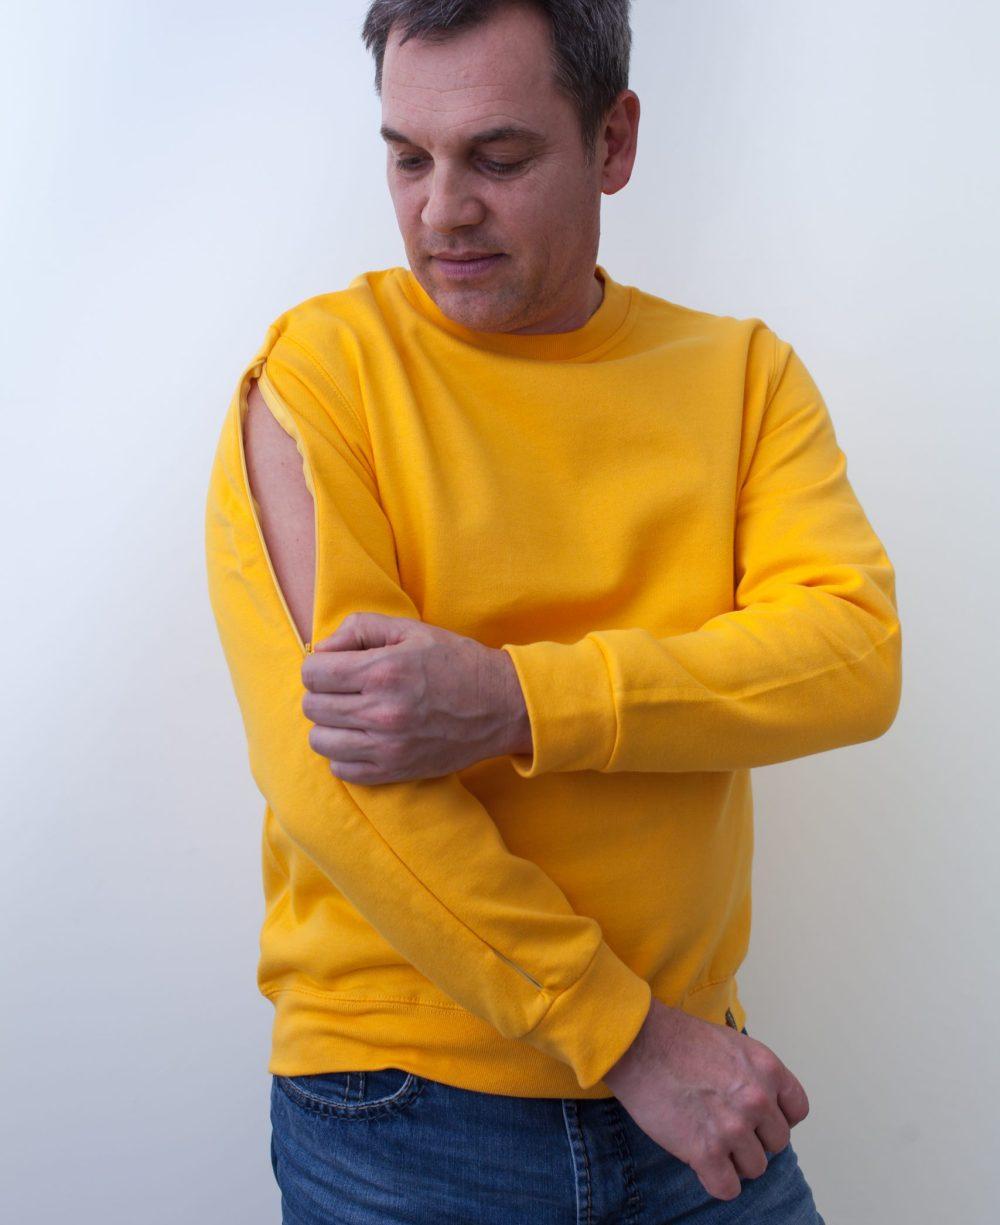 gelb-Herren-pullover-für-dialysepatienten-mit-individuellem-reißverschluss-diazipp